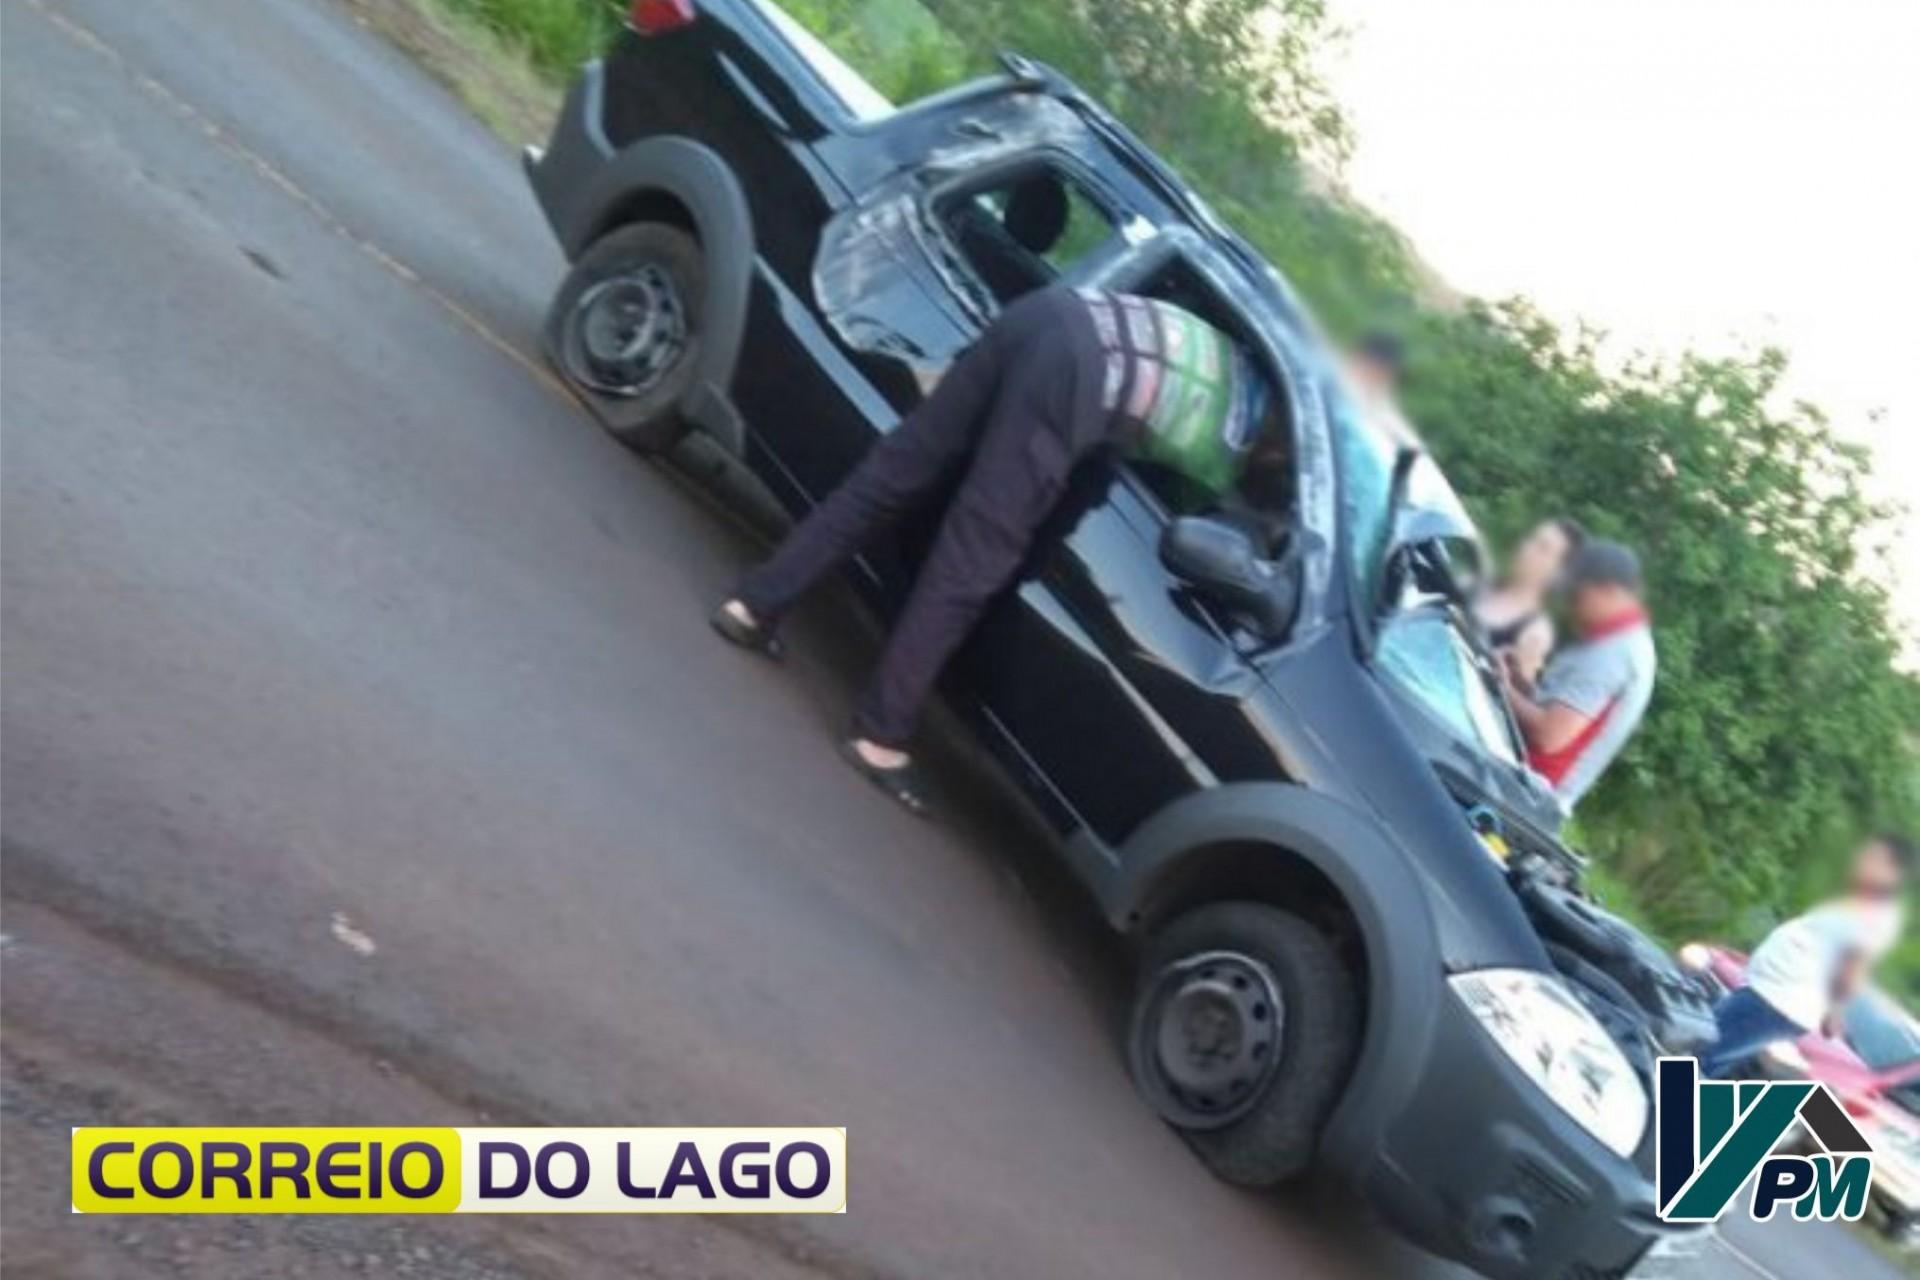 Motorista fica em estado grave após capotamento na PR-495 próximo à Missal